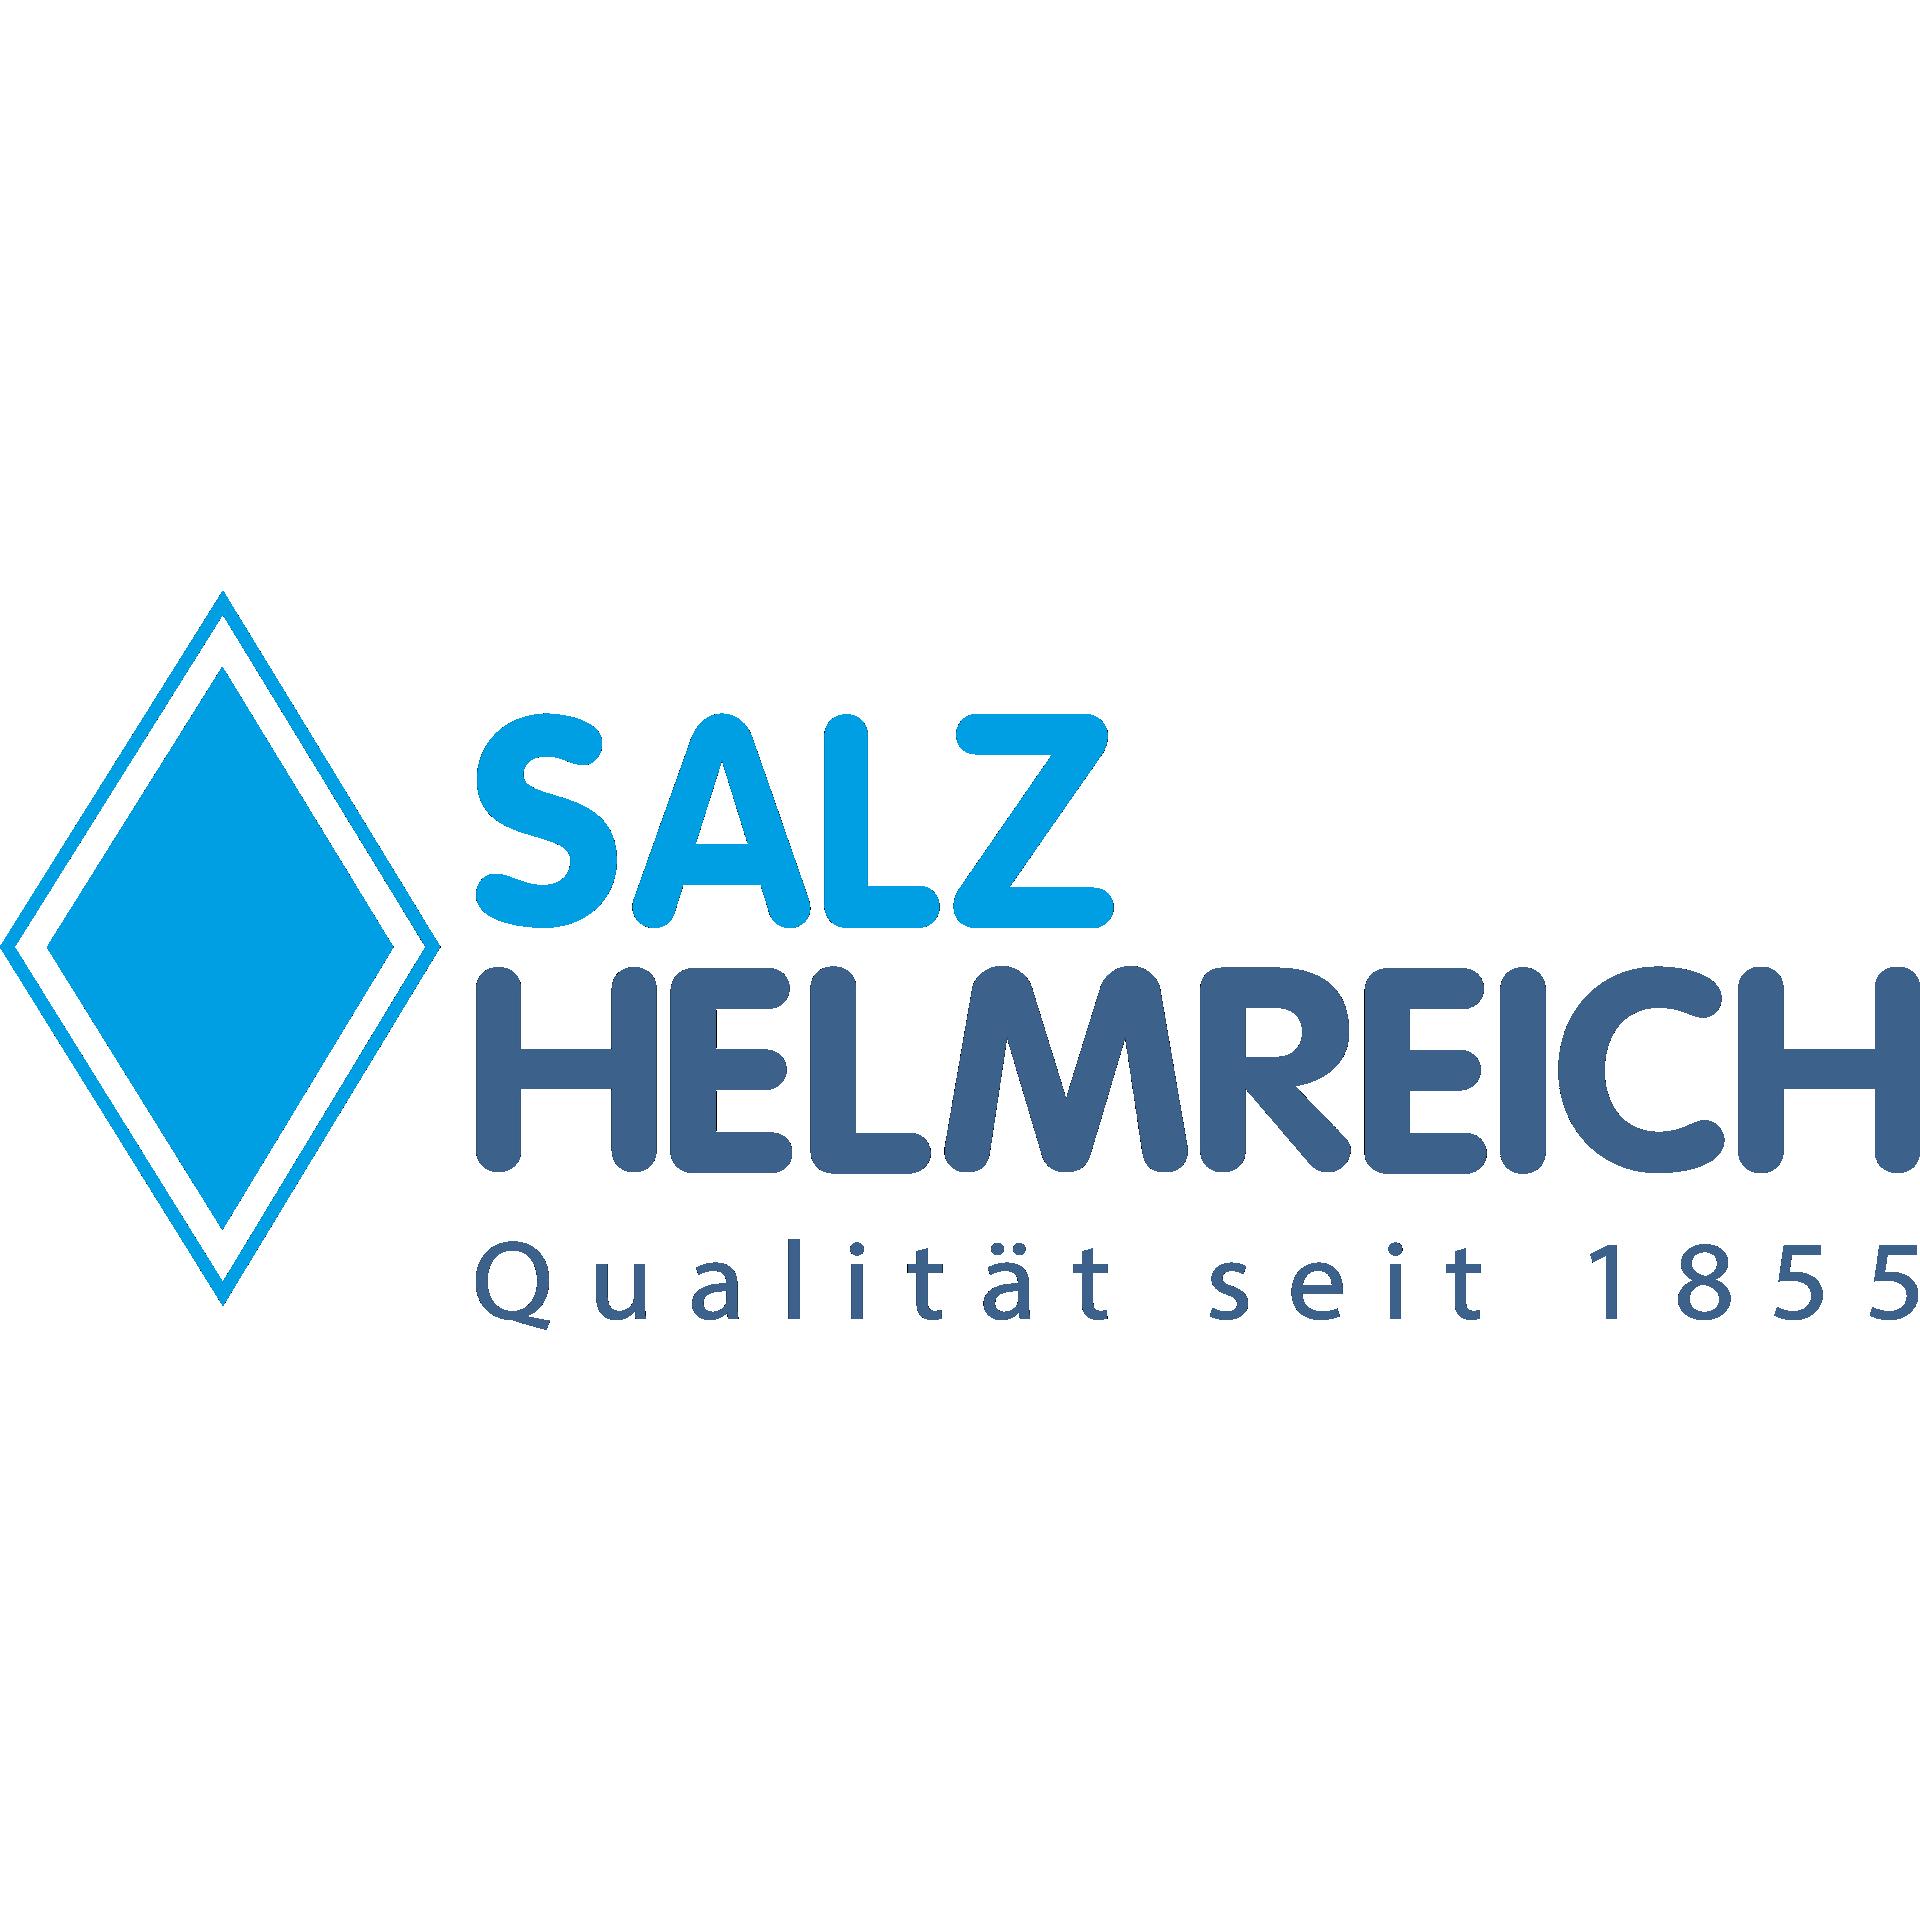 Stein Speisesalz 3,2 - 1,5mm im 25kg Sack